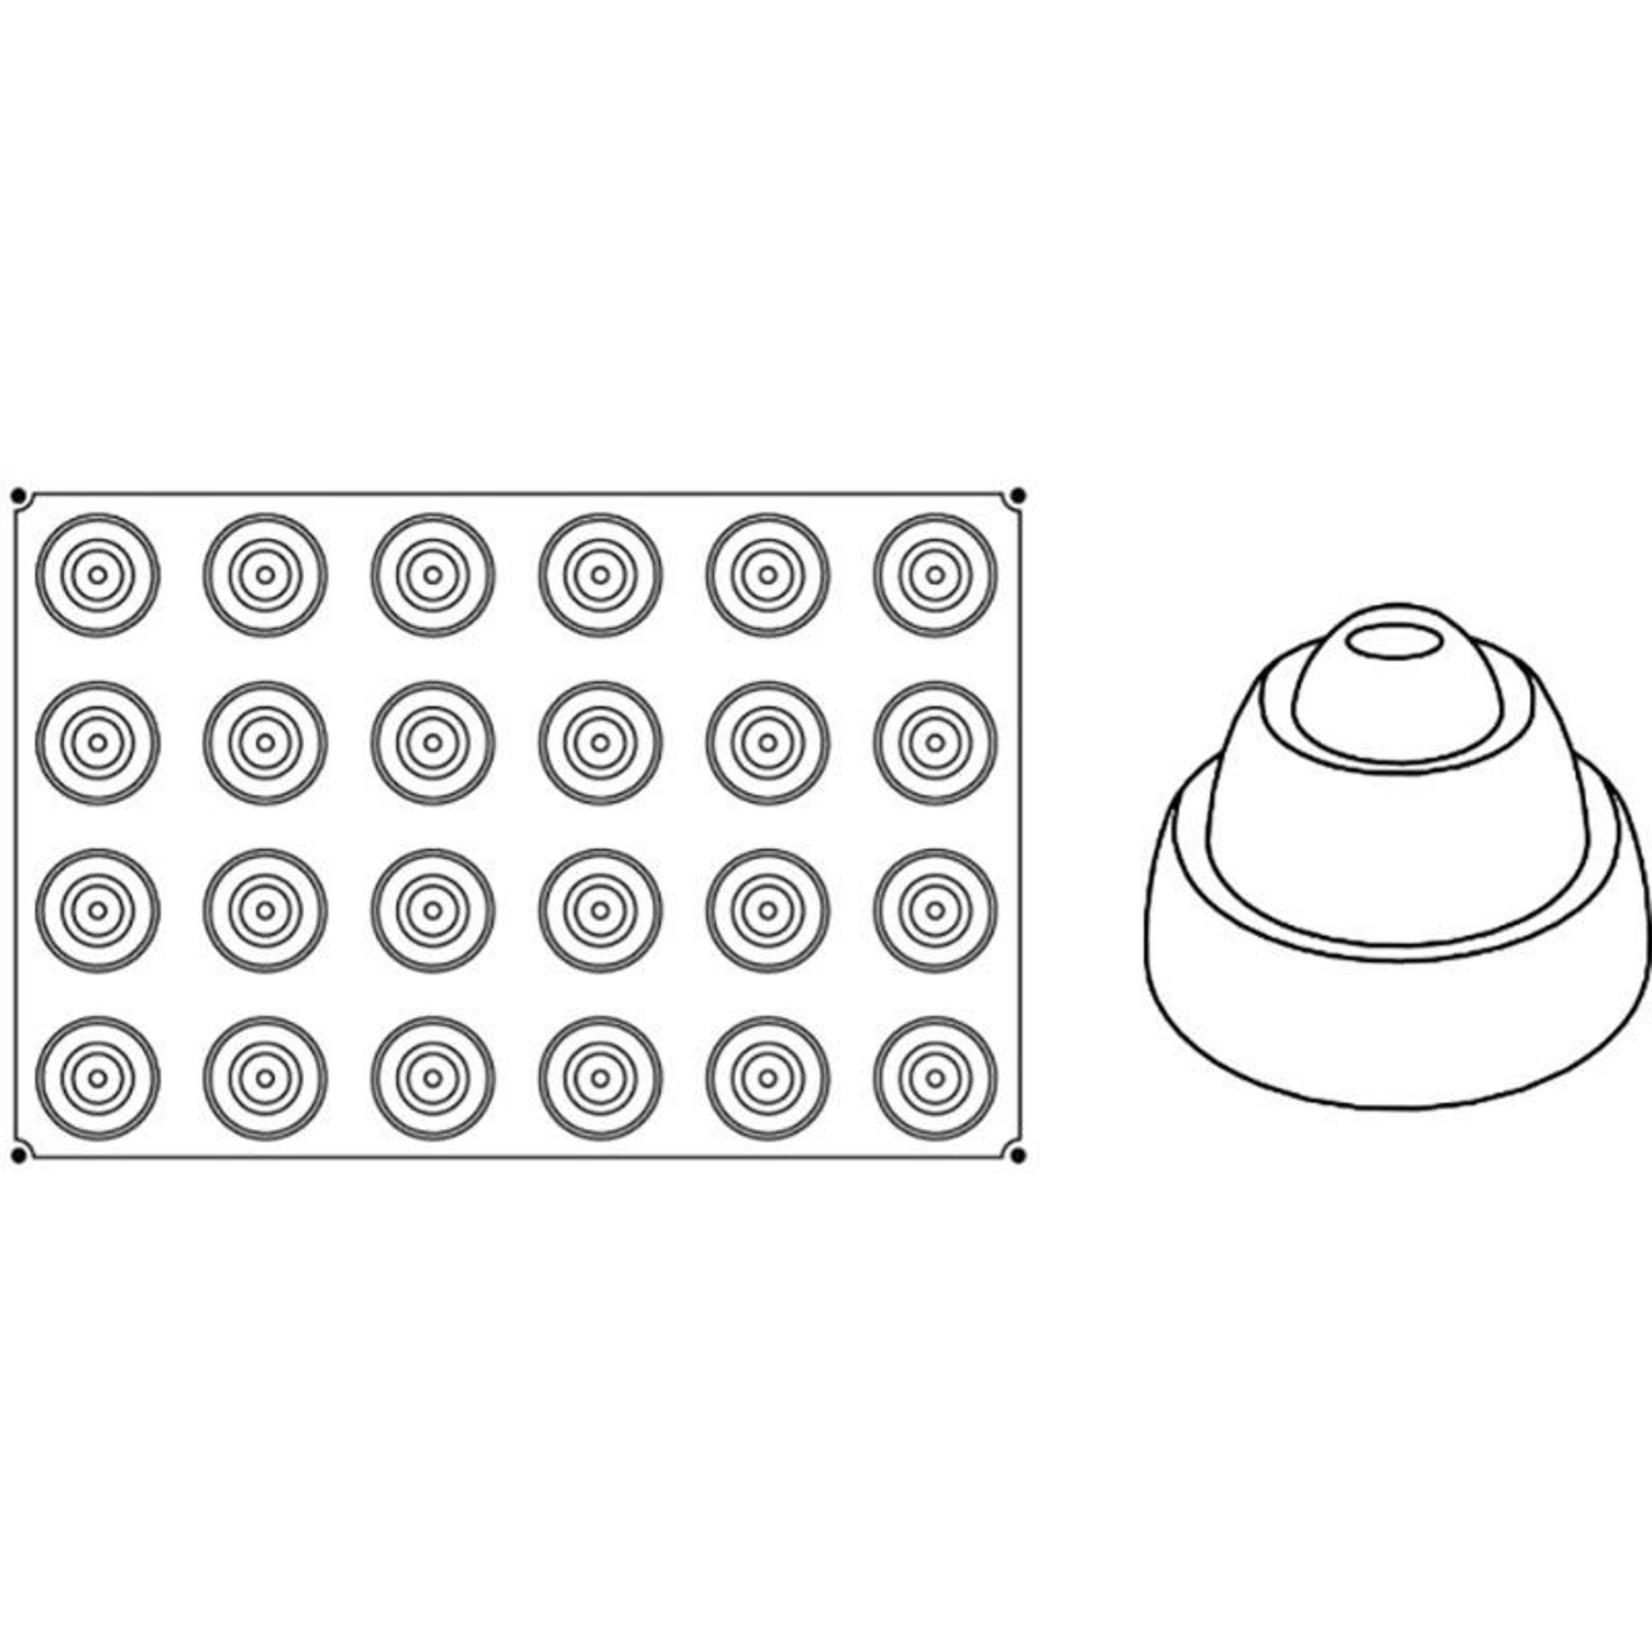 Pavoni Pavoni - Pavoflex silicone mold, Ring, Monoporzione (24 cavity), PX034